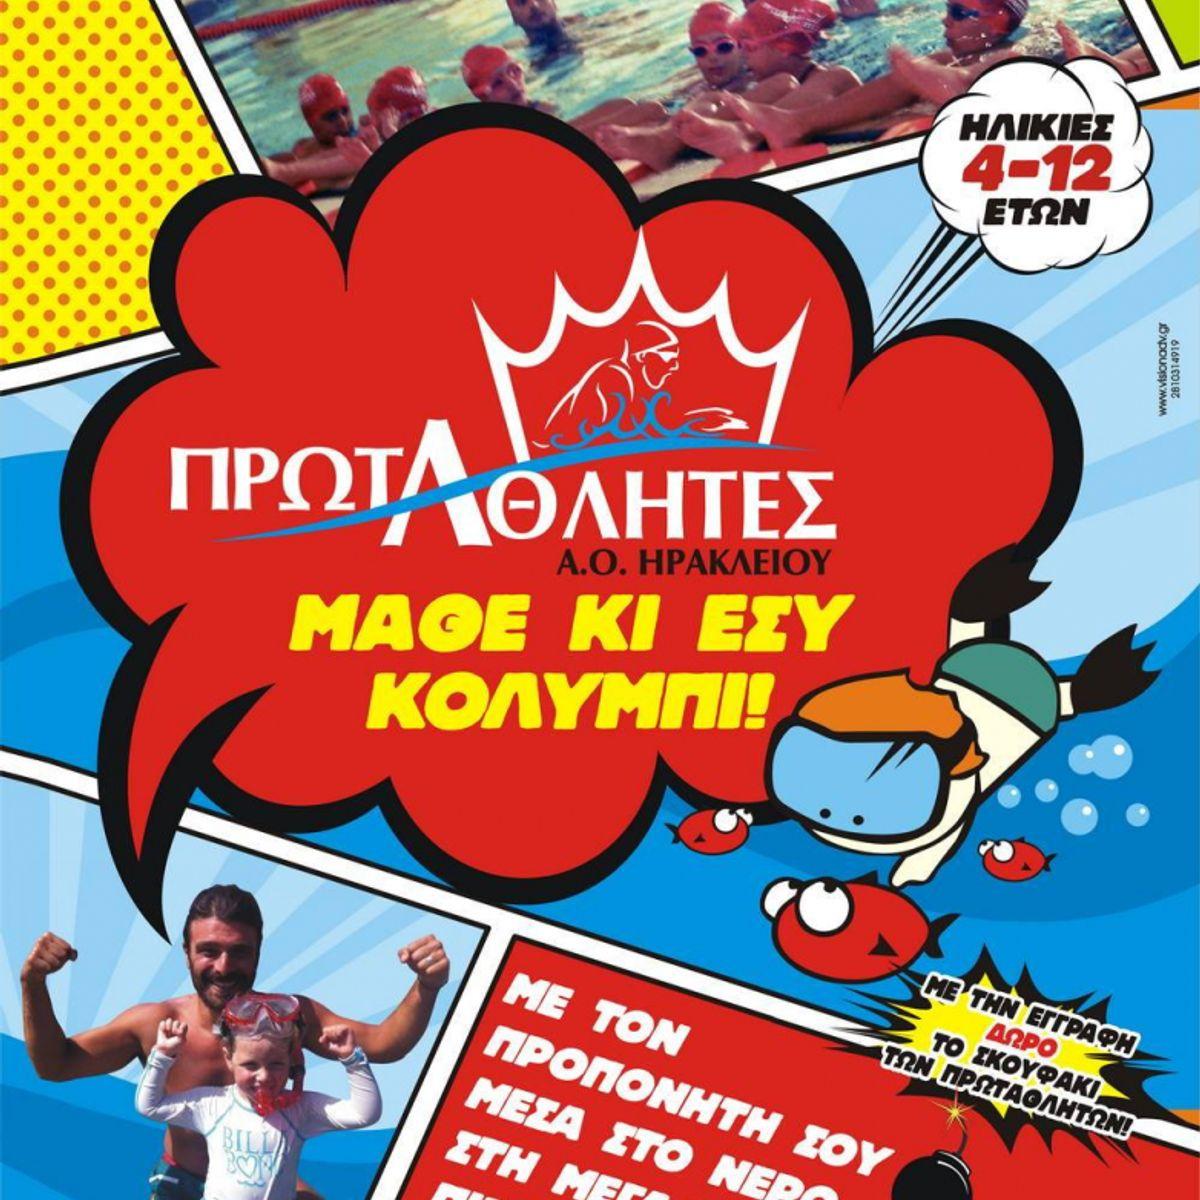 Αφίσες - afs2495